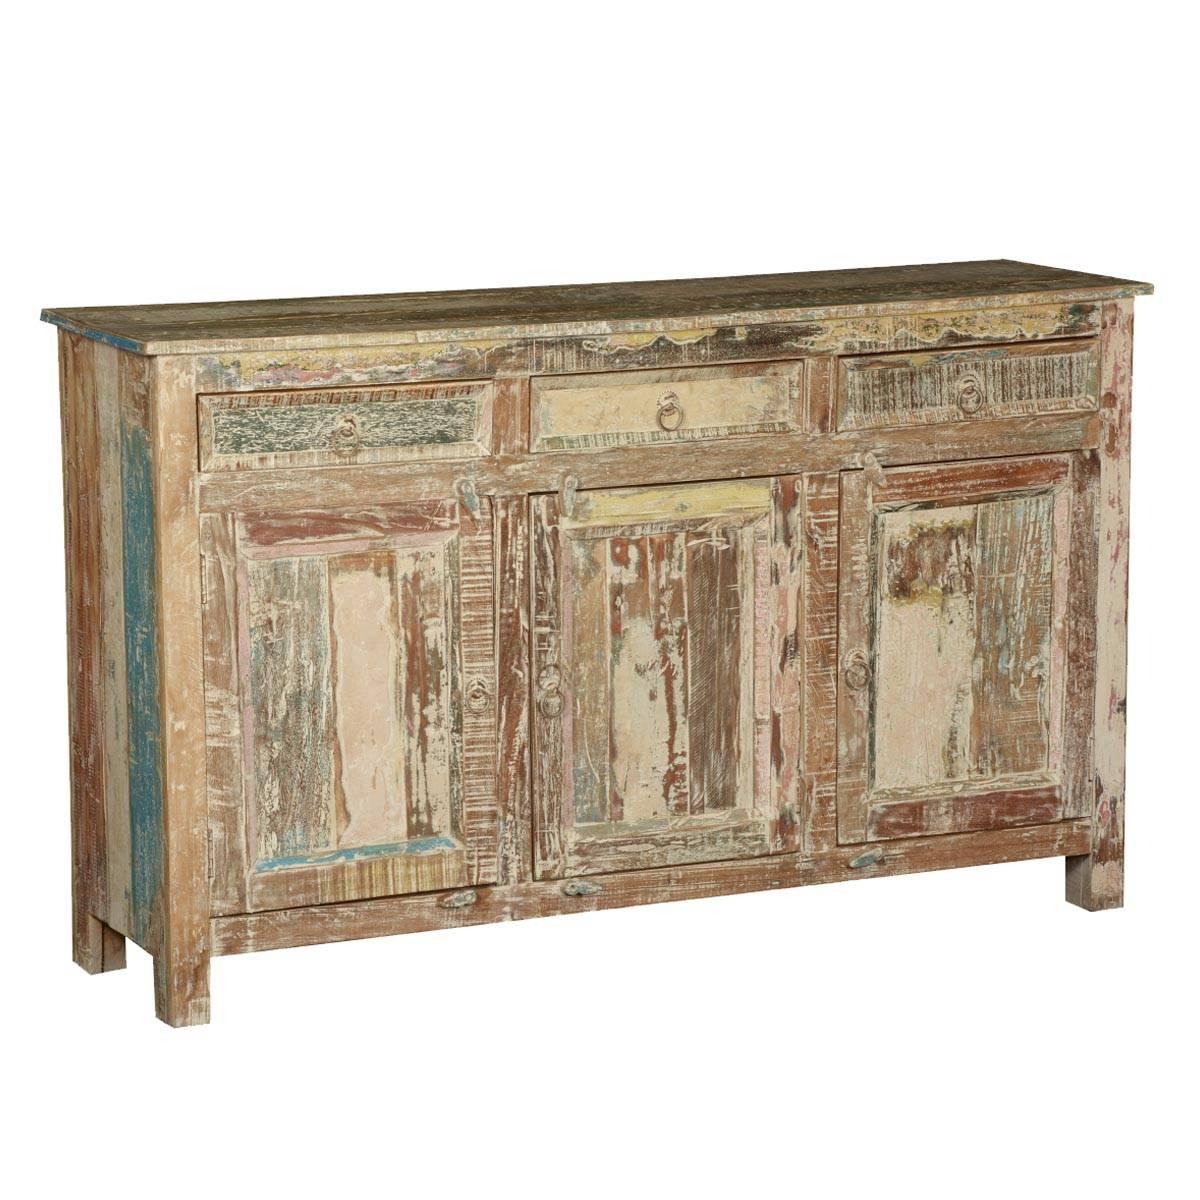 Rustic Reclaimed Wood Distressed Sideboard Cabinet Inside Distressed Sideboard (#11 of 20)